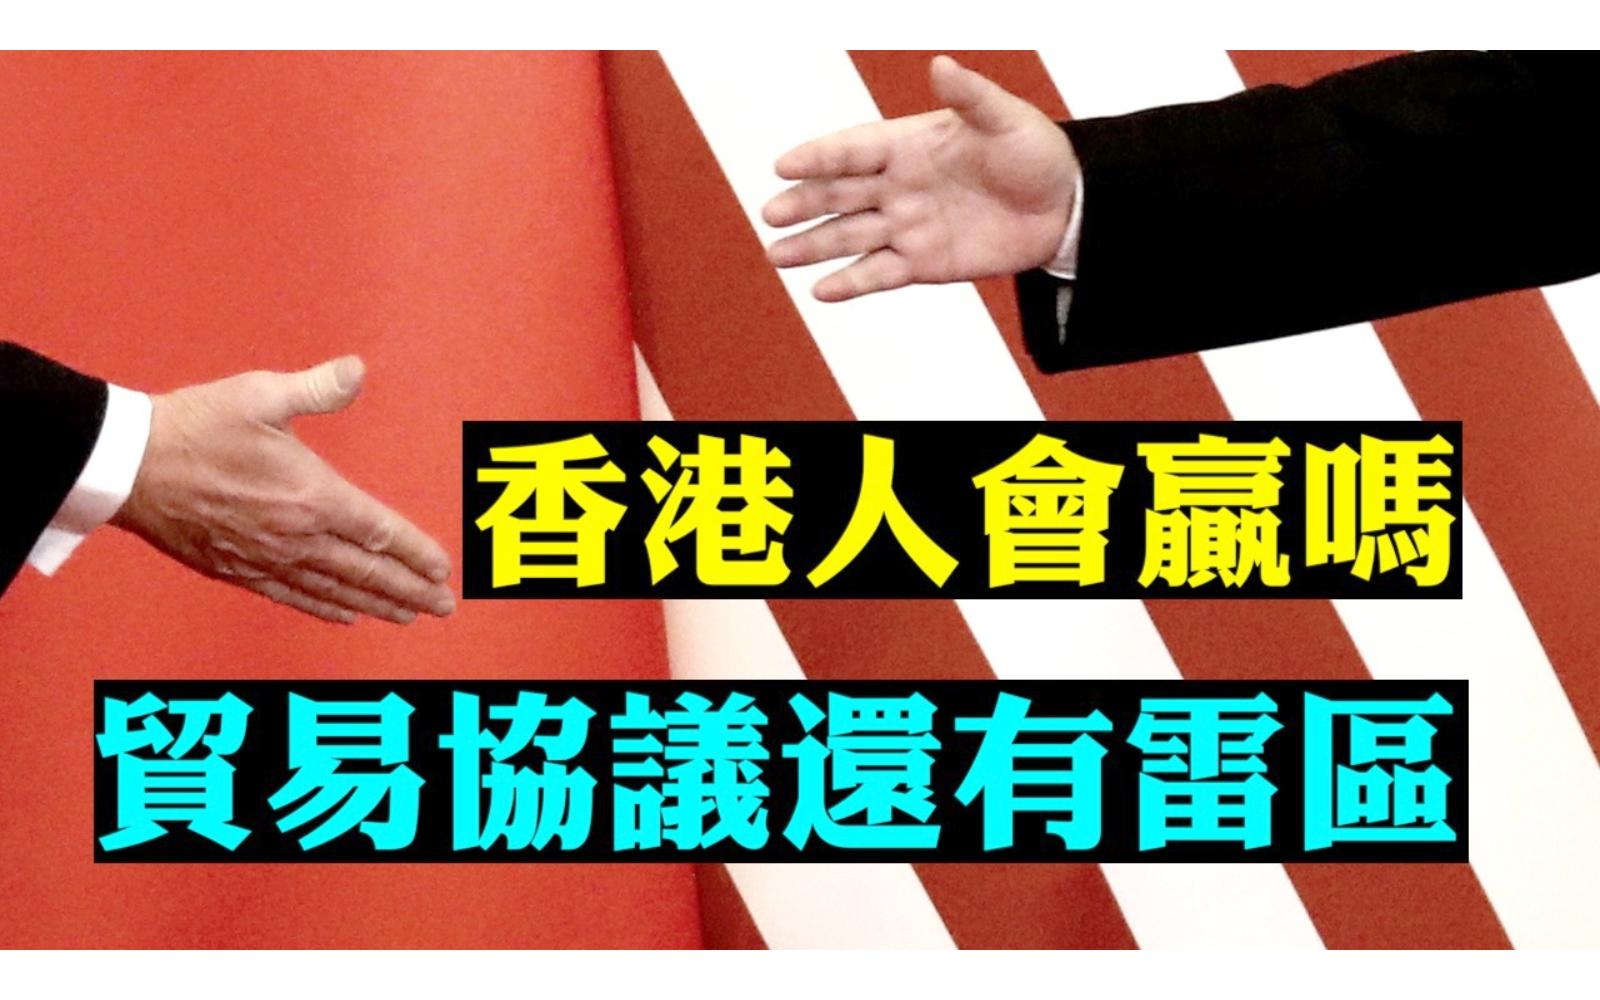 中美第一階段貿易協議,1月初簽字前還有「雷區」;兩位美國專家,深度分析香港局勢走向,指出港人抗爭取勝關鍵。(新唐人合成)